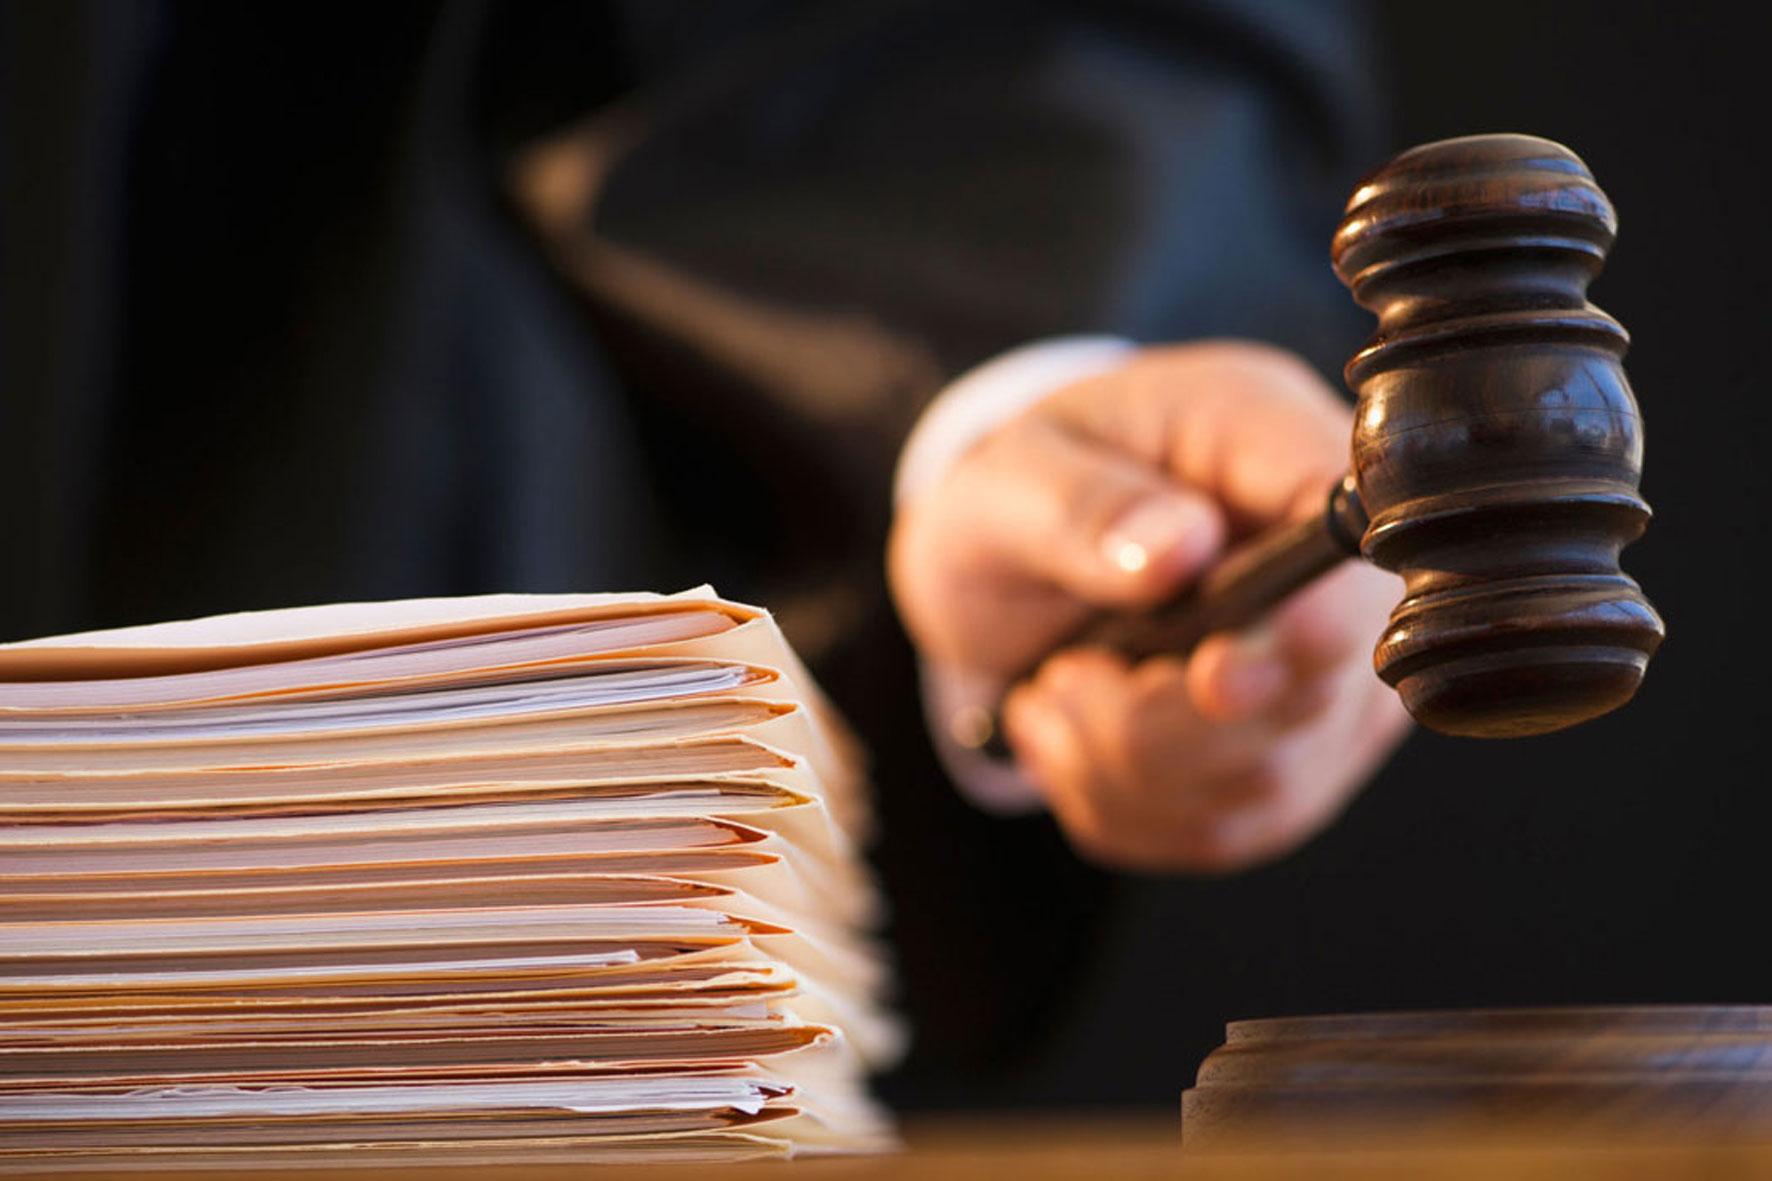 Волжский суд приговорил акушеров-гинекологов к двум годам колонии за смерть роженицы